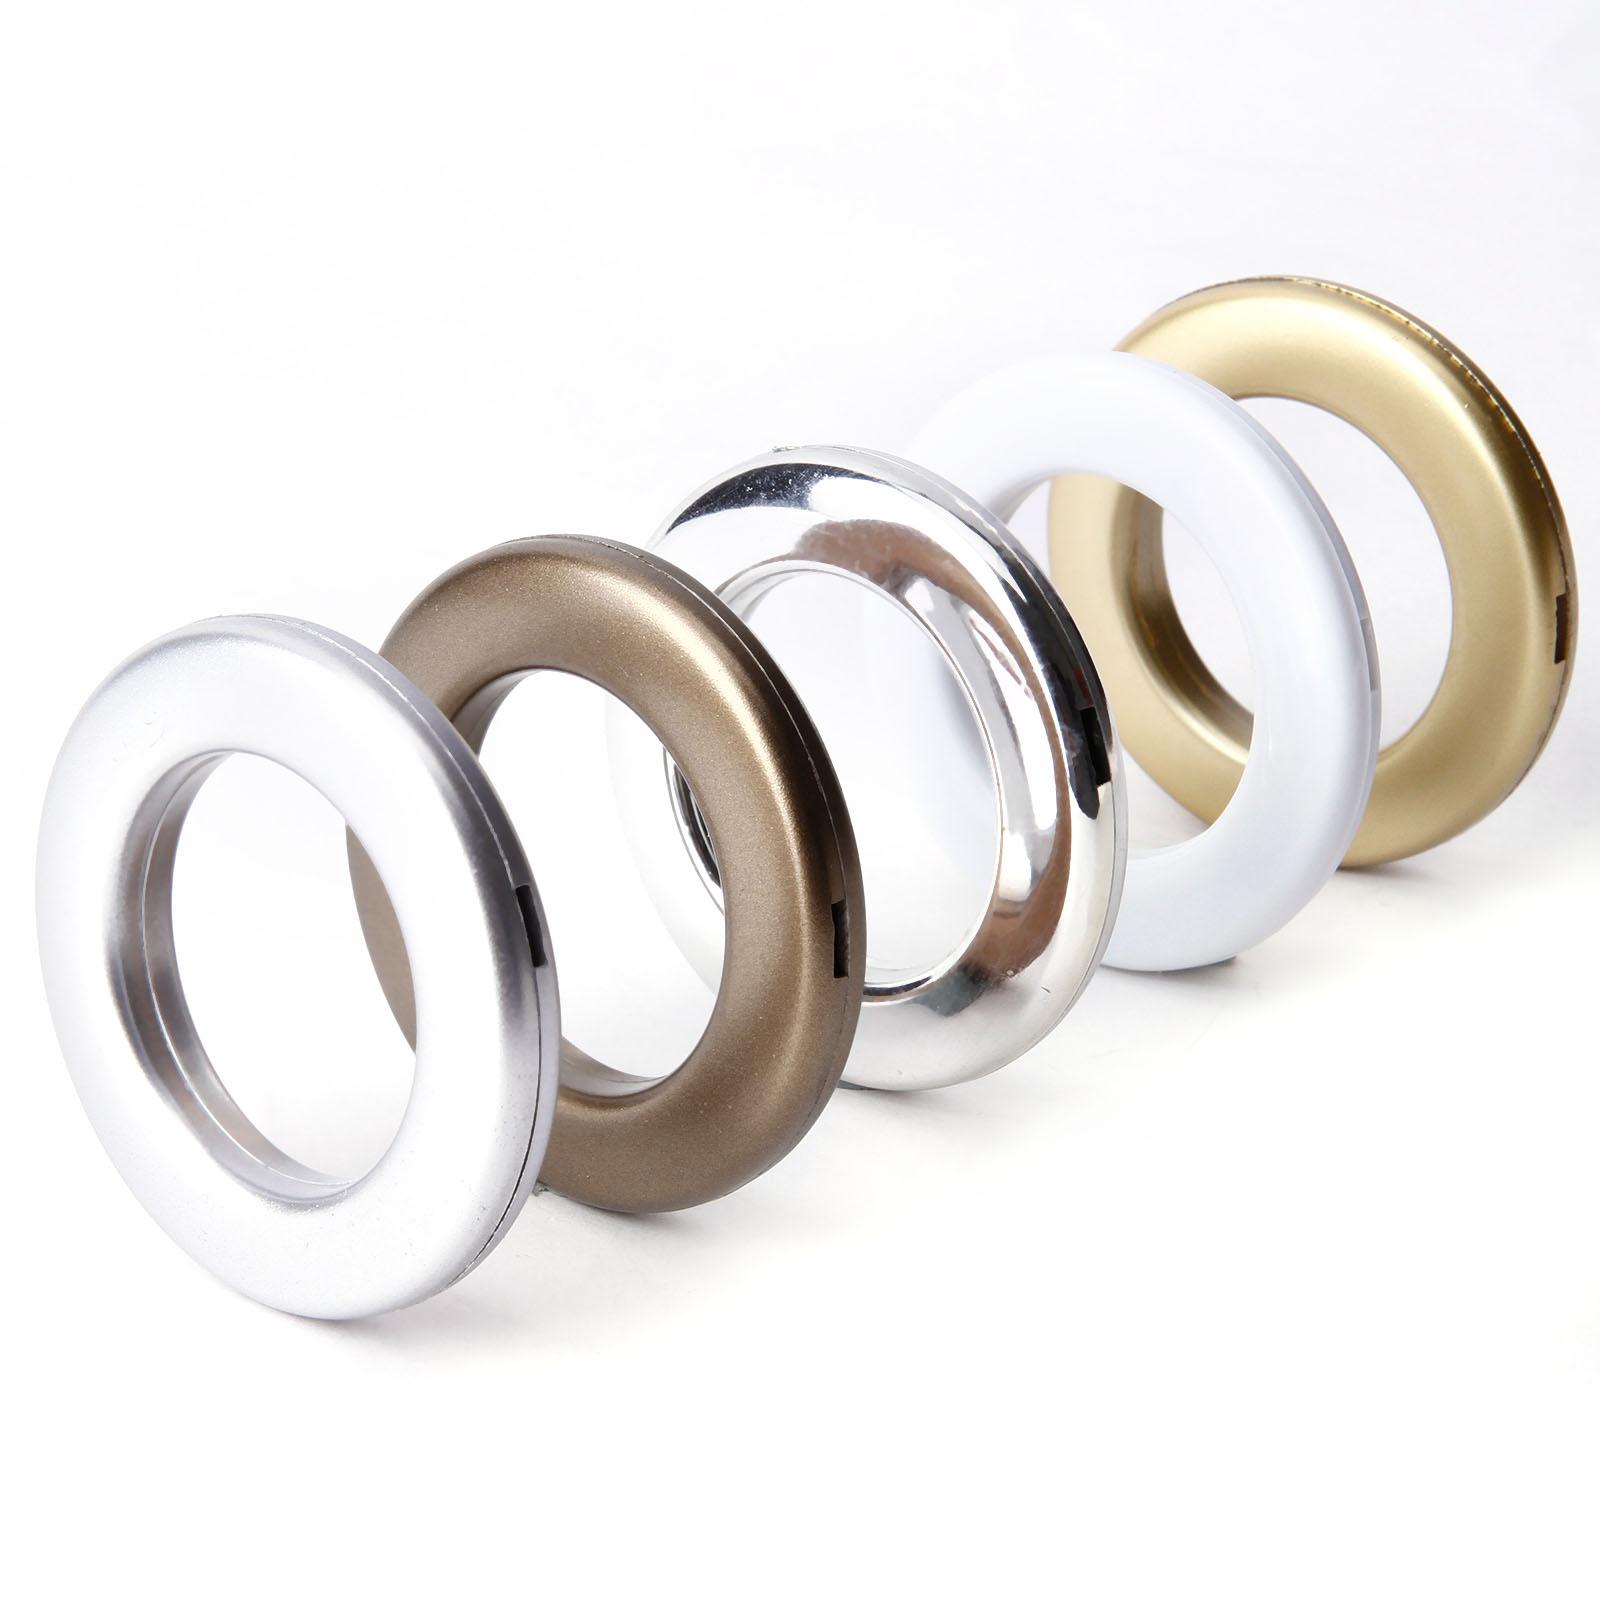 Eyelet Ring For Curtain Blinds Drapery Eyelets Heading Rings Clip Grommets Ebay